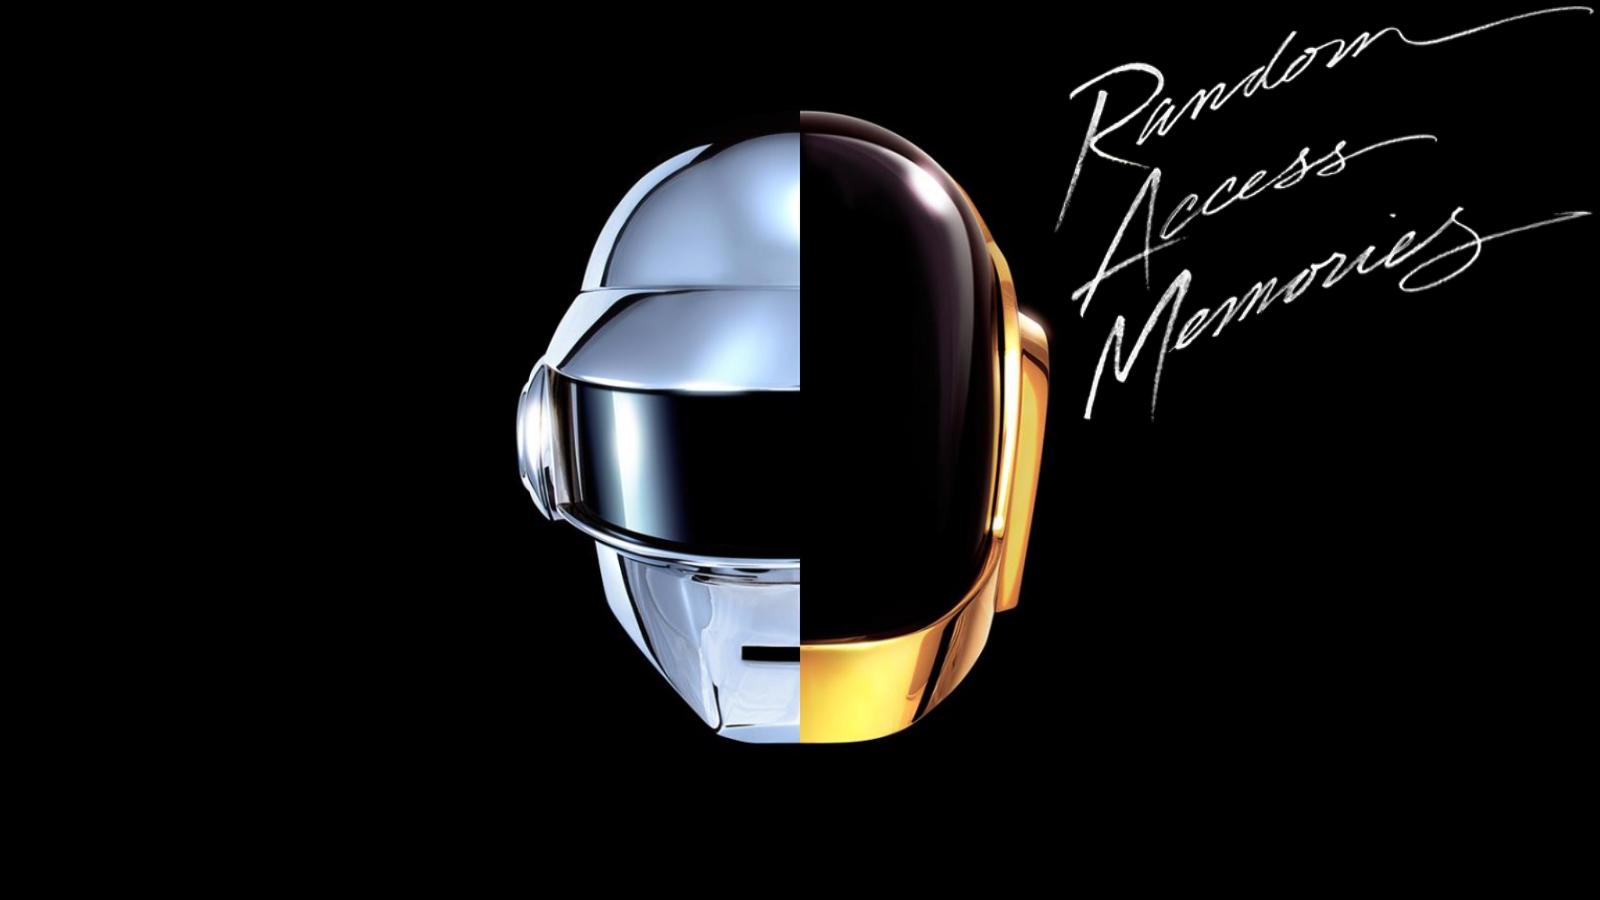 Song Daft Punk Feat Julian Casablancas Instant Crush